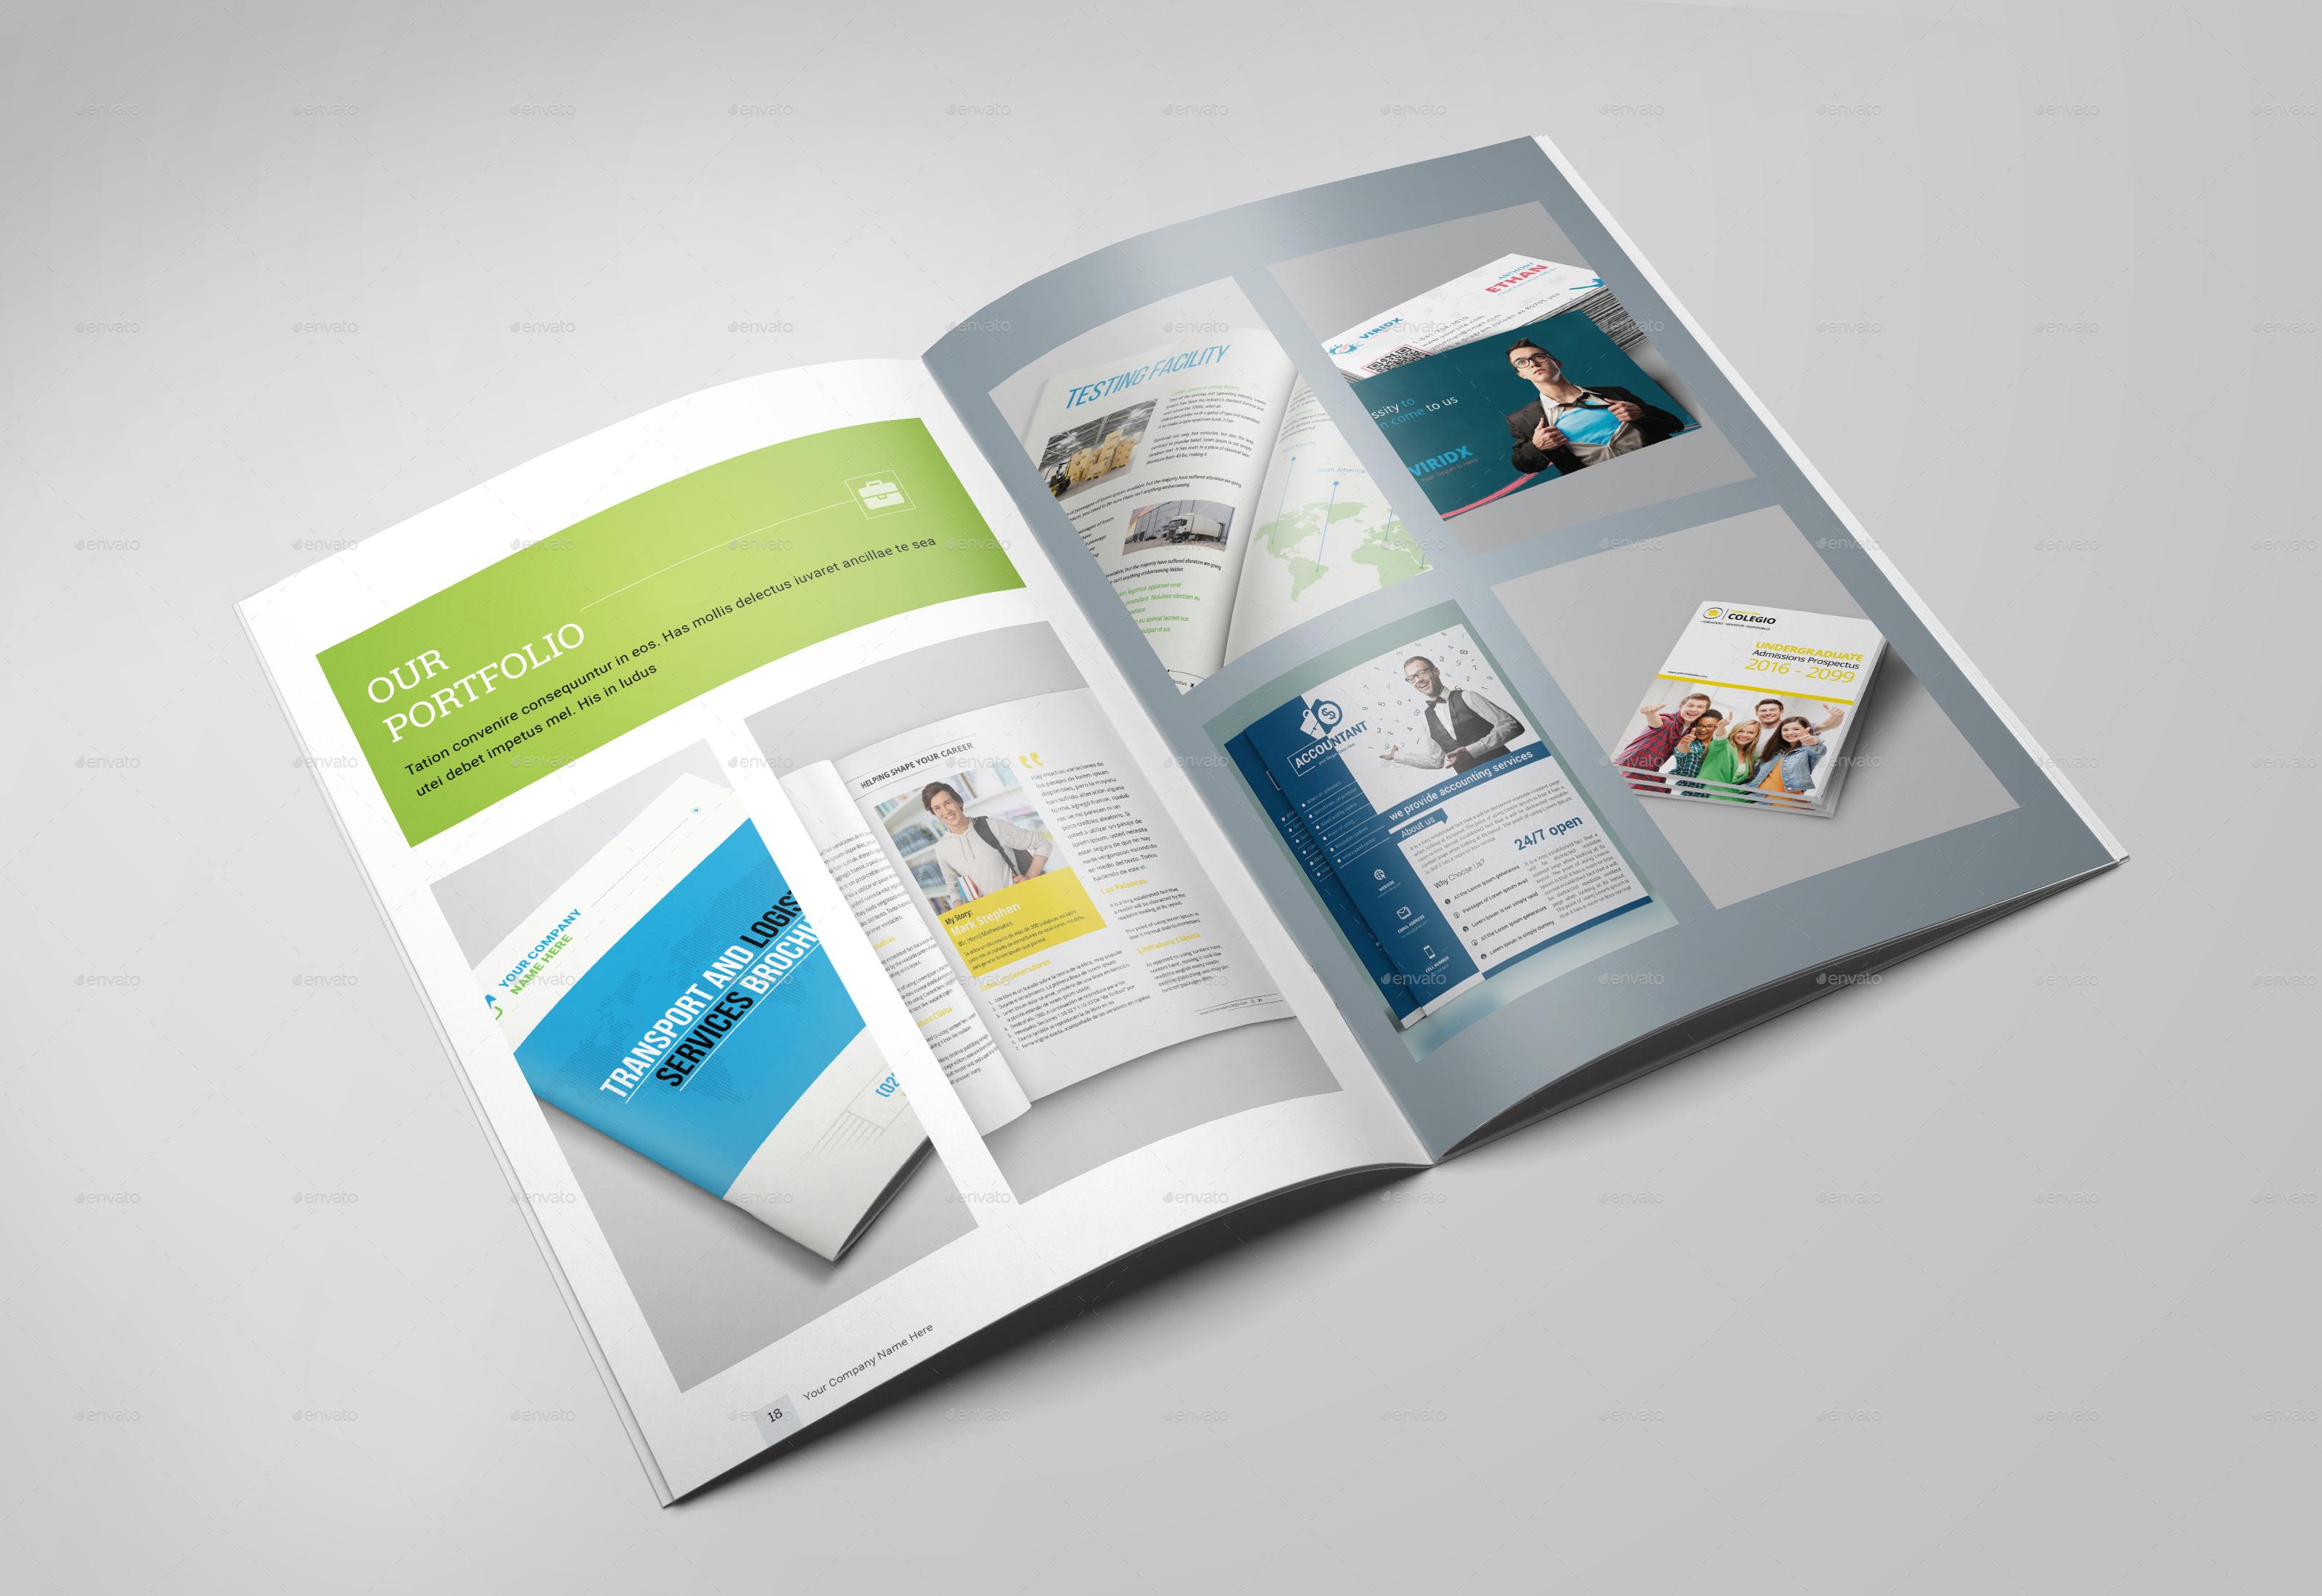 Portrait Brochure Templates by dotnpix   GraphicRiver